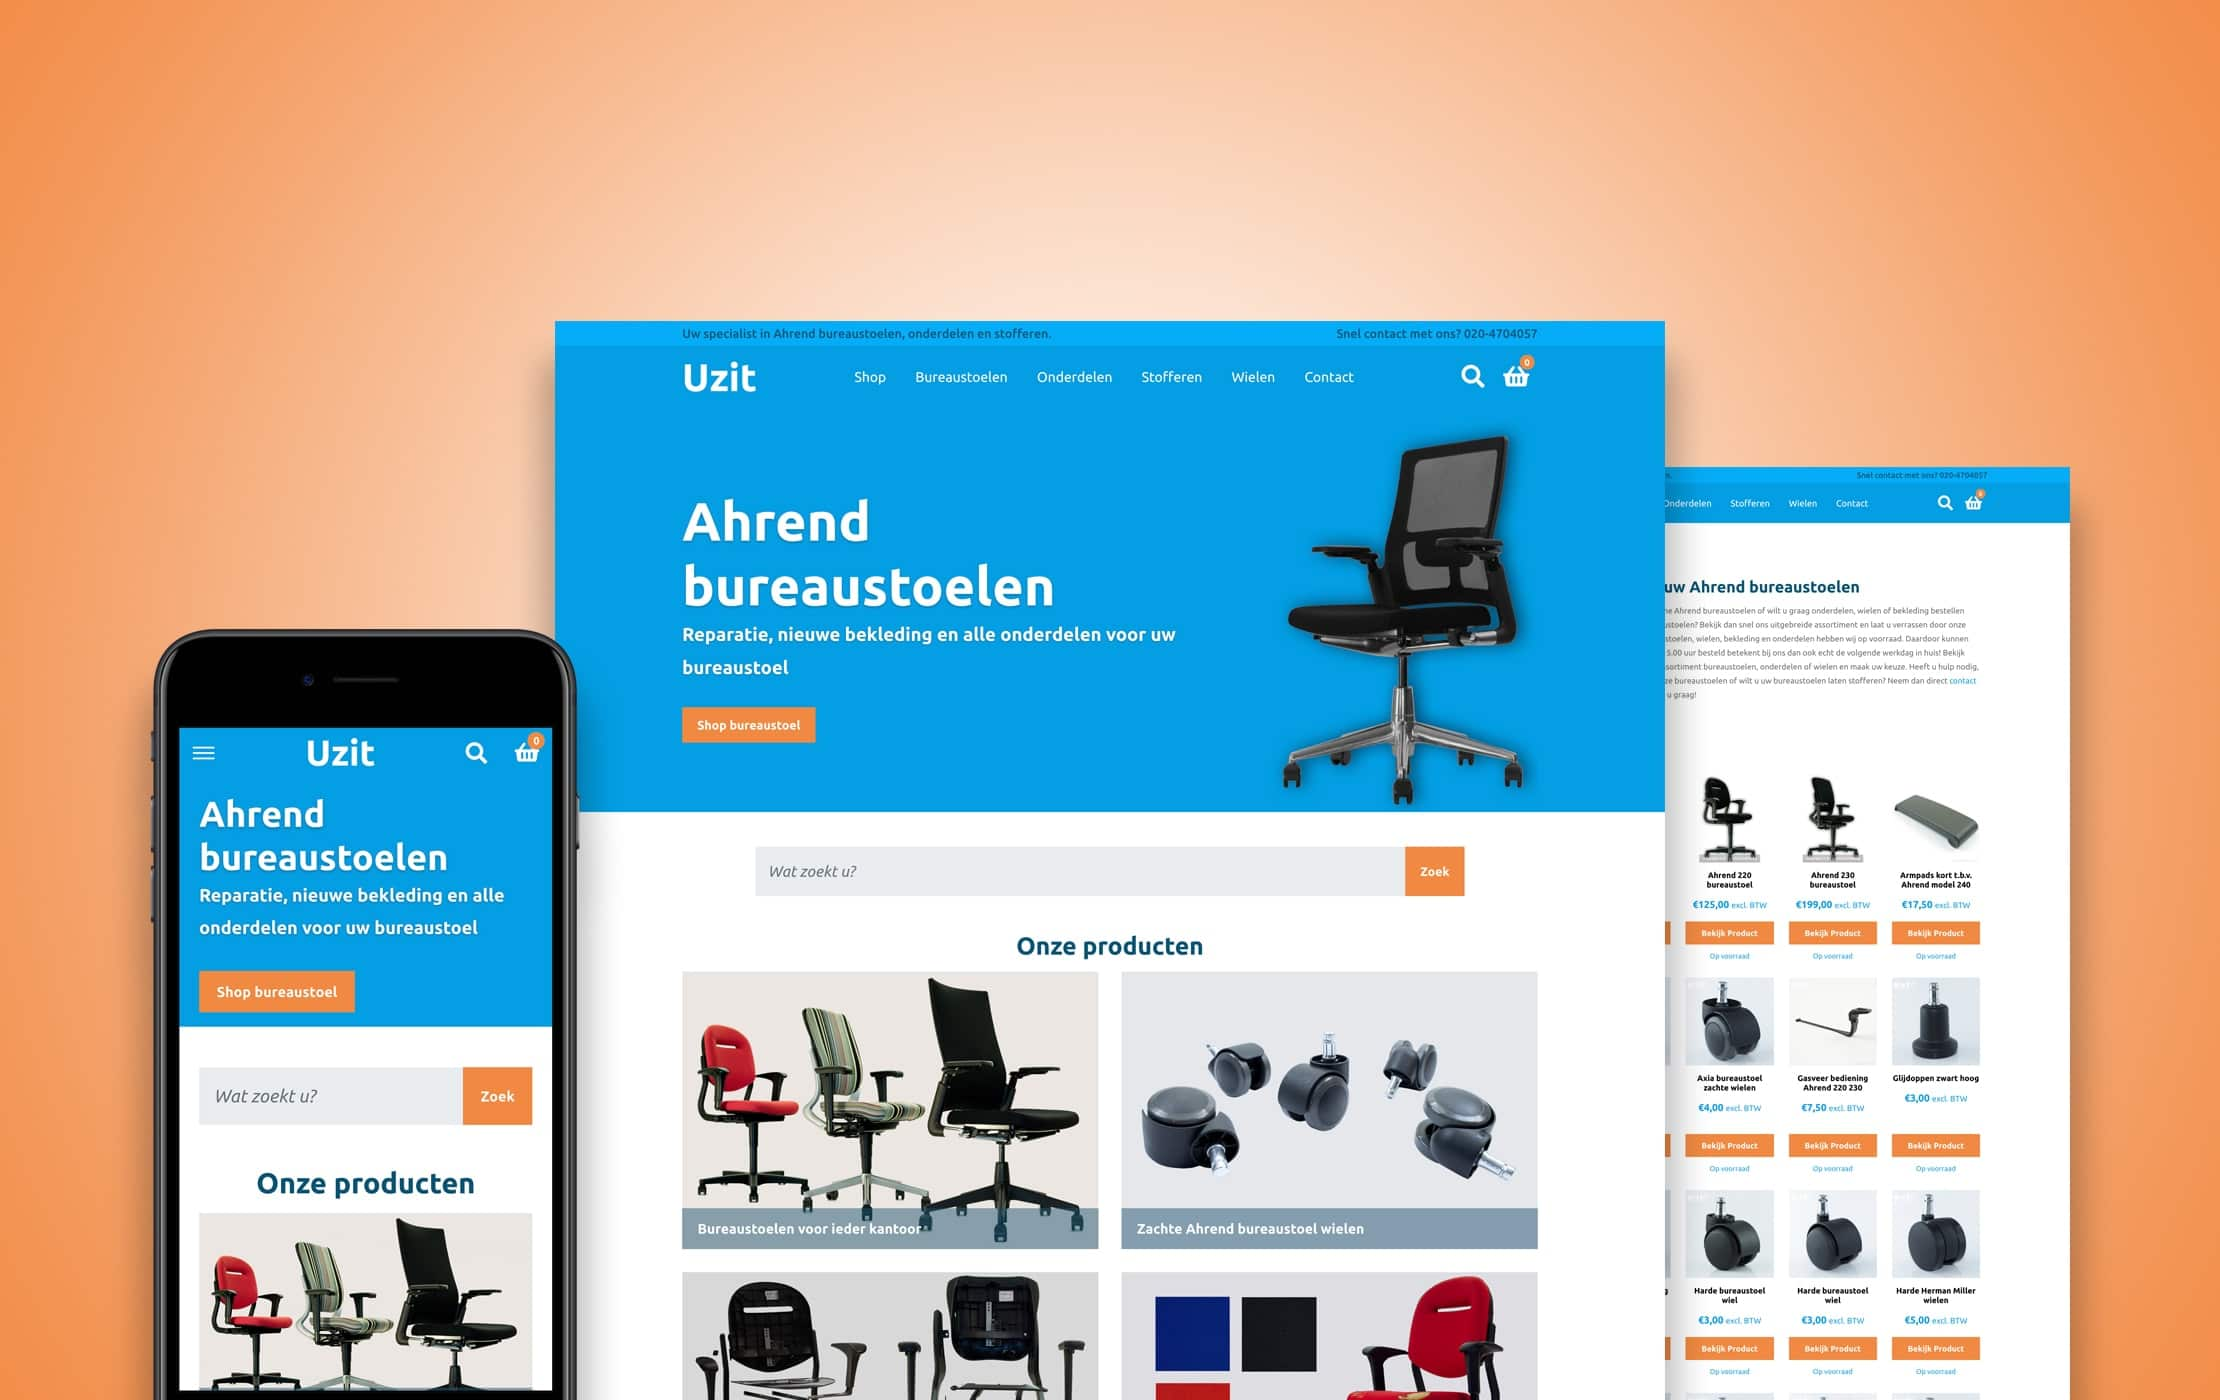 woocommerce_webshop_uzit_dreamlab_portfolio